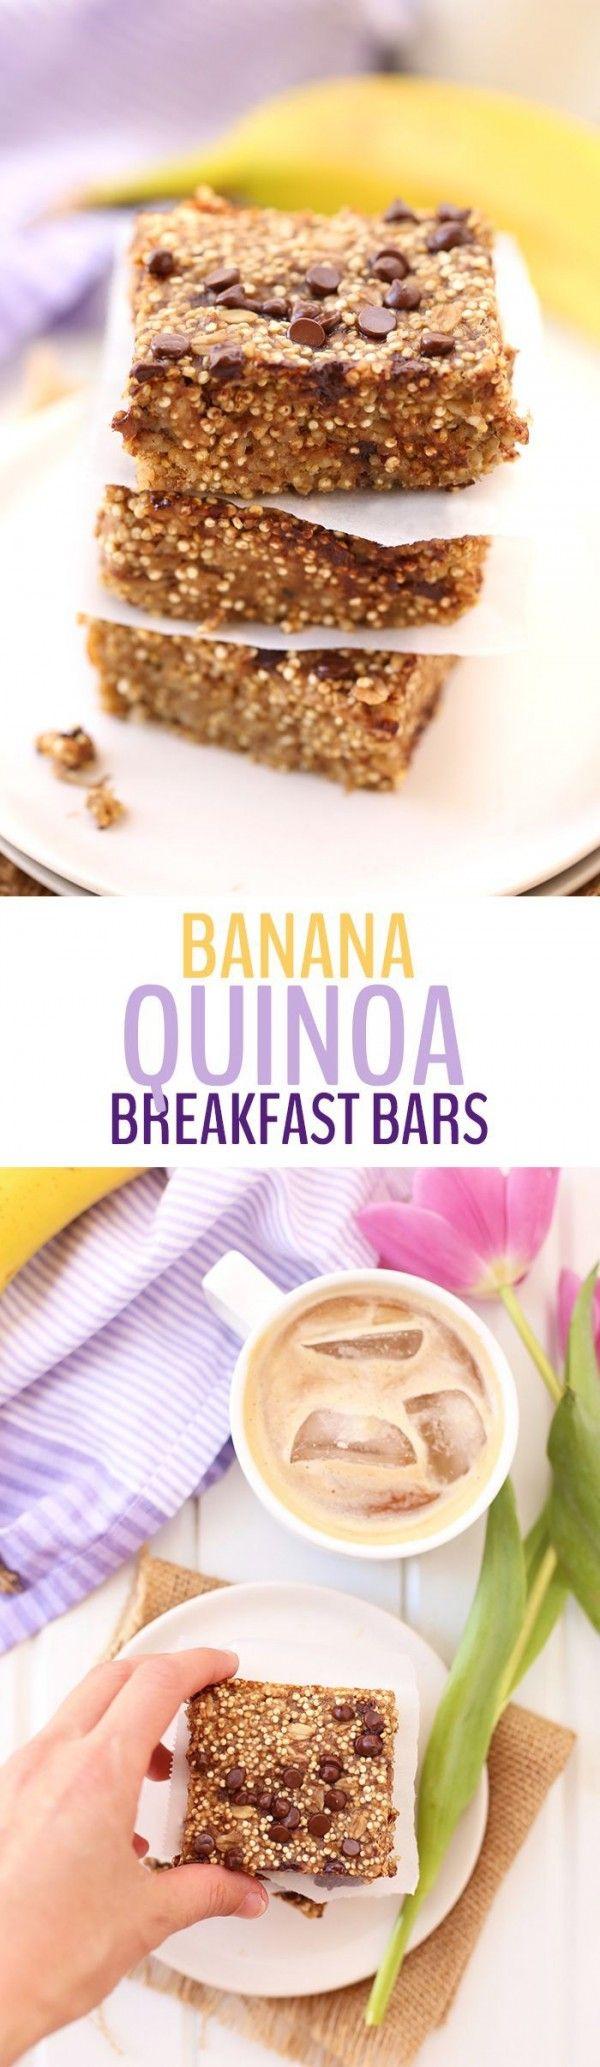 Get the recipe Banana Quinoa Breakfast Bars @recipes_to_go